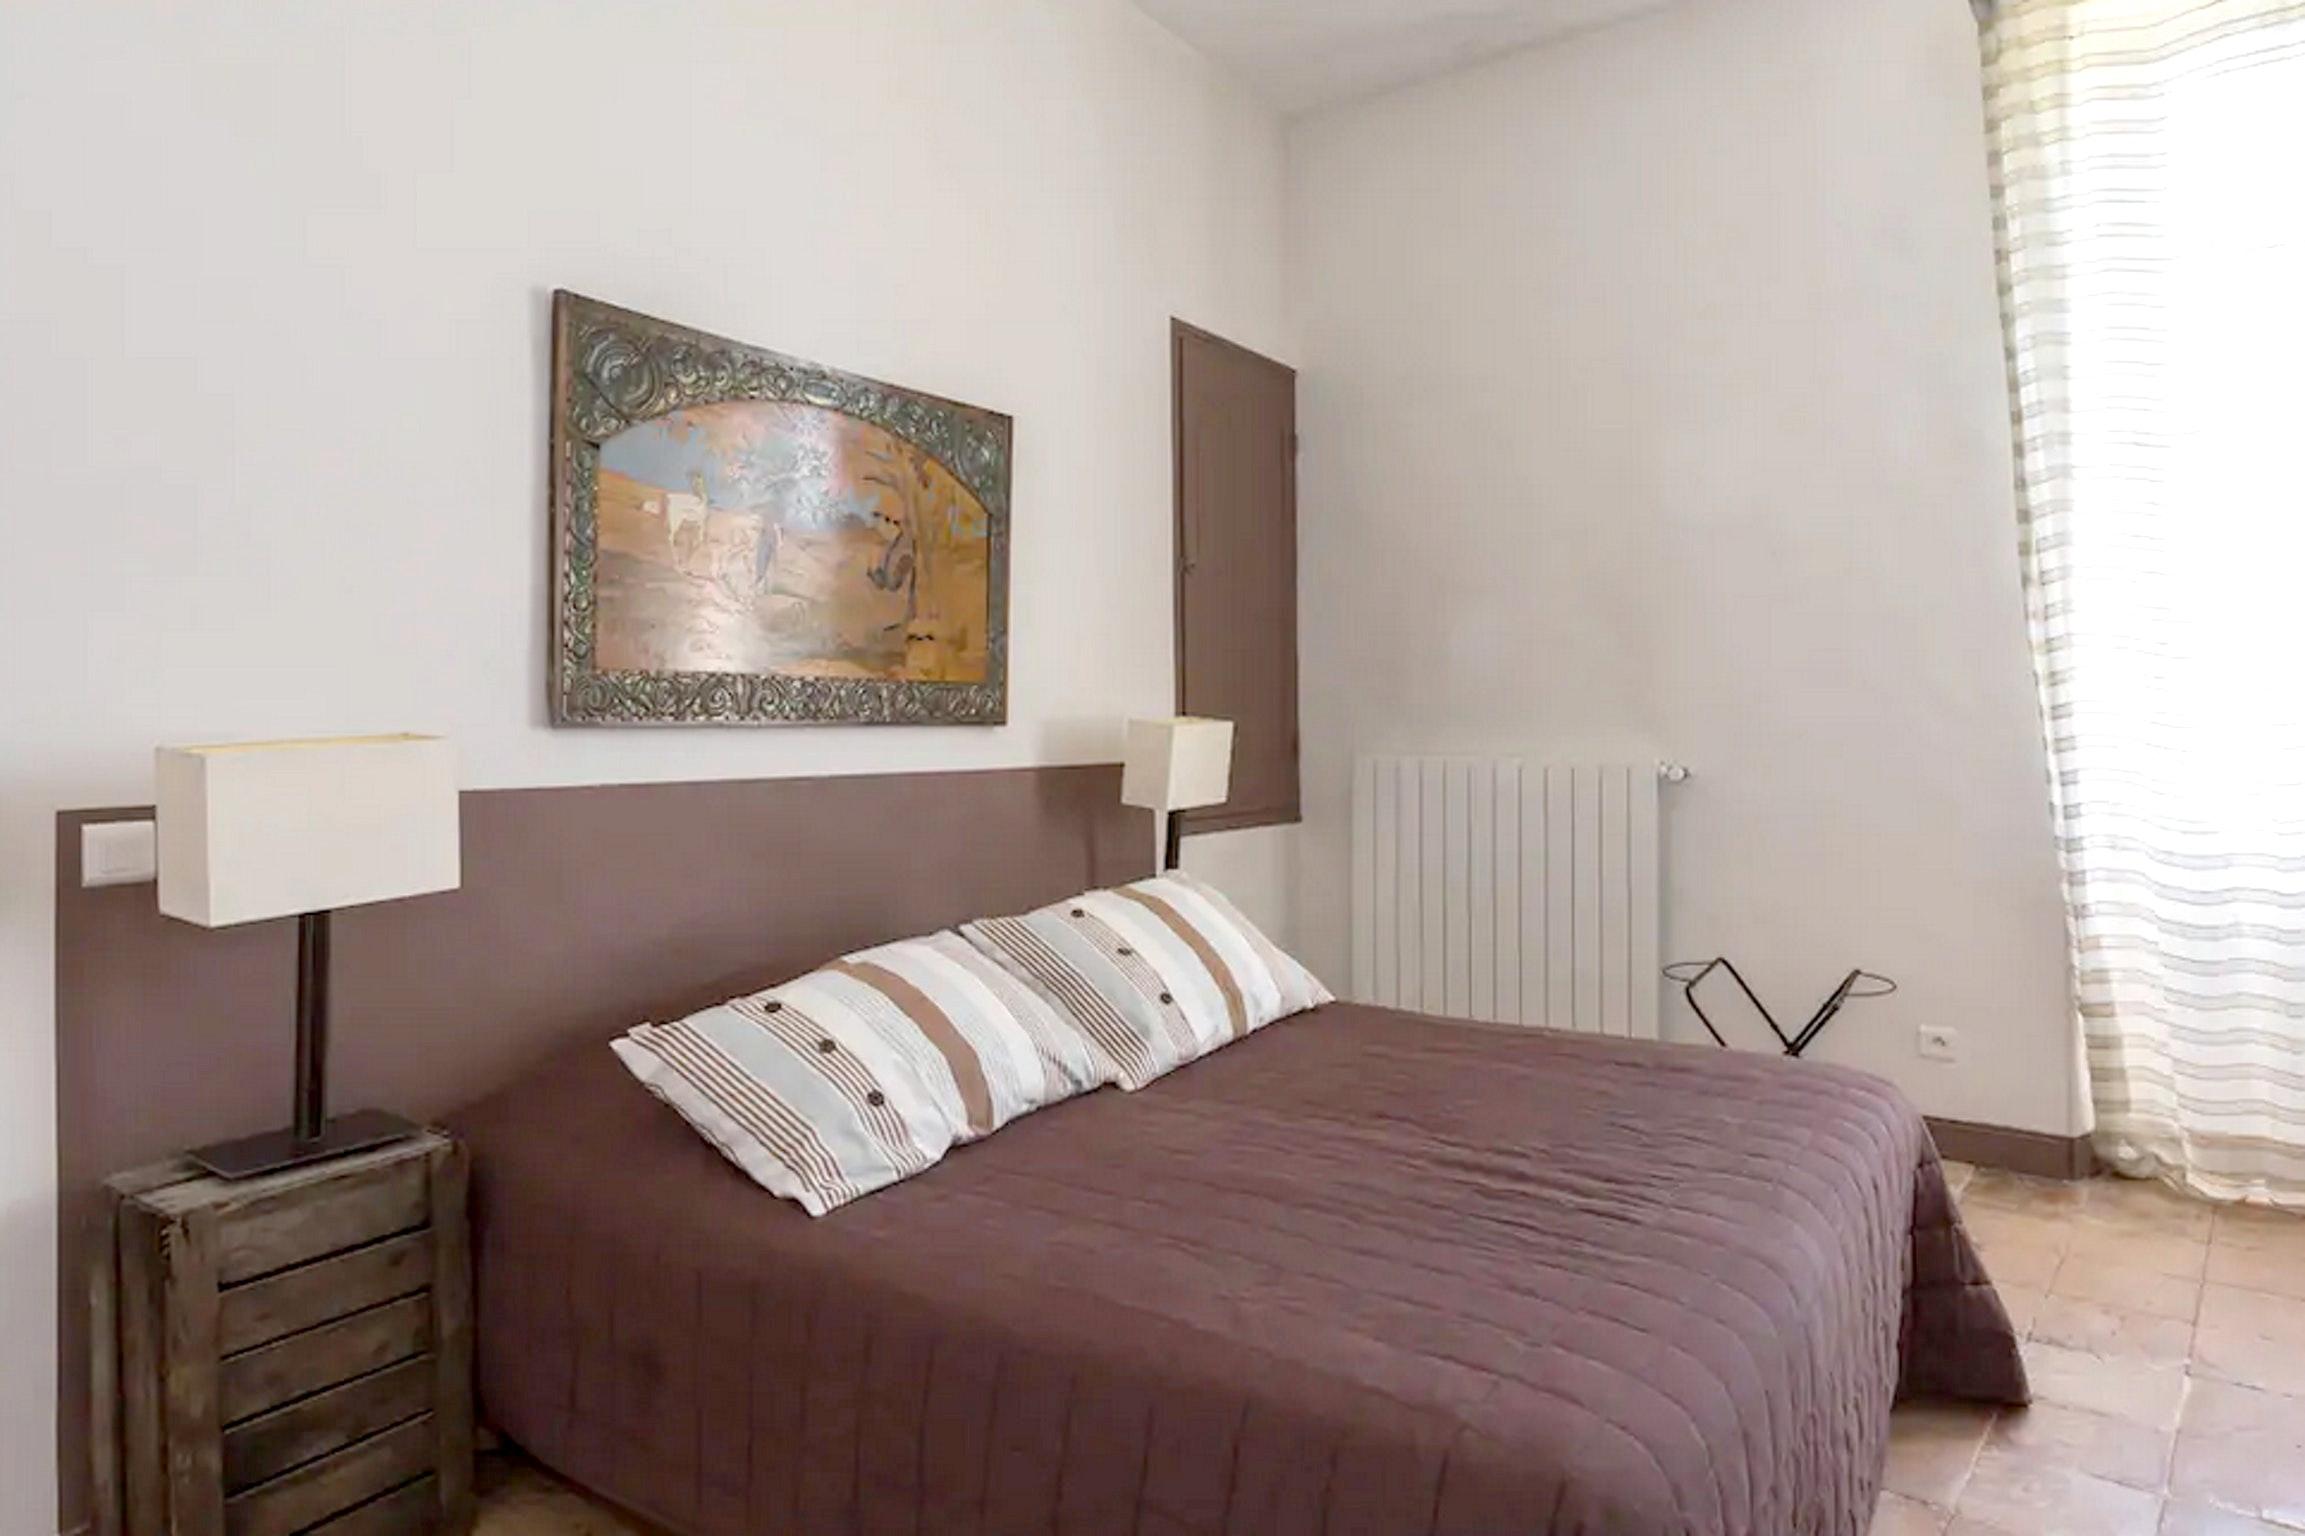 Maison de vacances Villa mit 6 Schlafzimmern in L'Isle-sur-la-Sorgue mit privatem Pool, möbliertem Garten und (2647203), L'Isle sur la Sorgue, Vaucluse, Provence - Alpes - Côte d'Azur, France, image 5